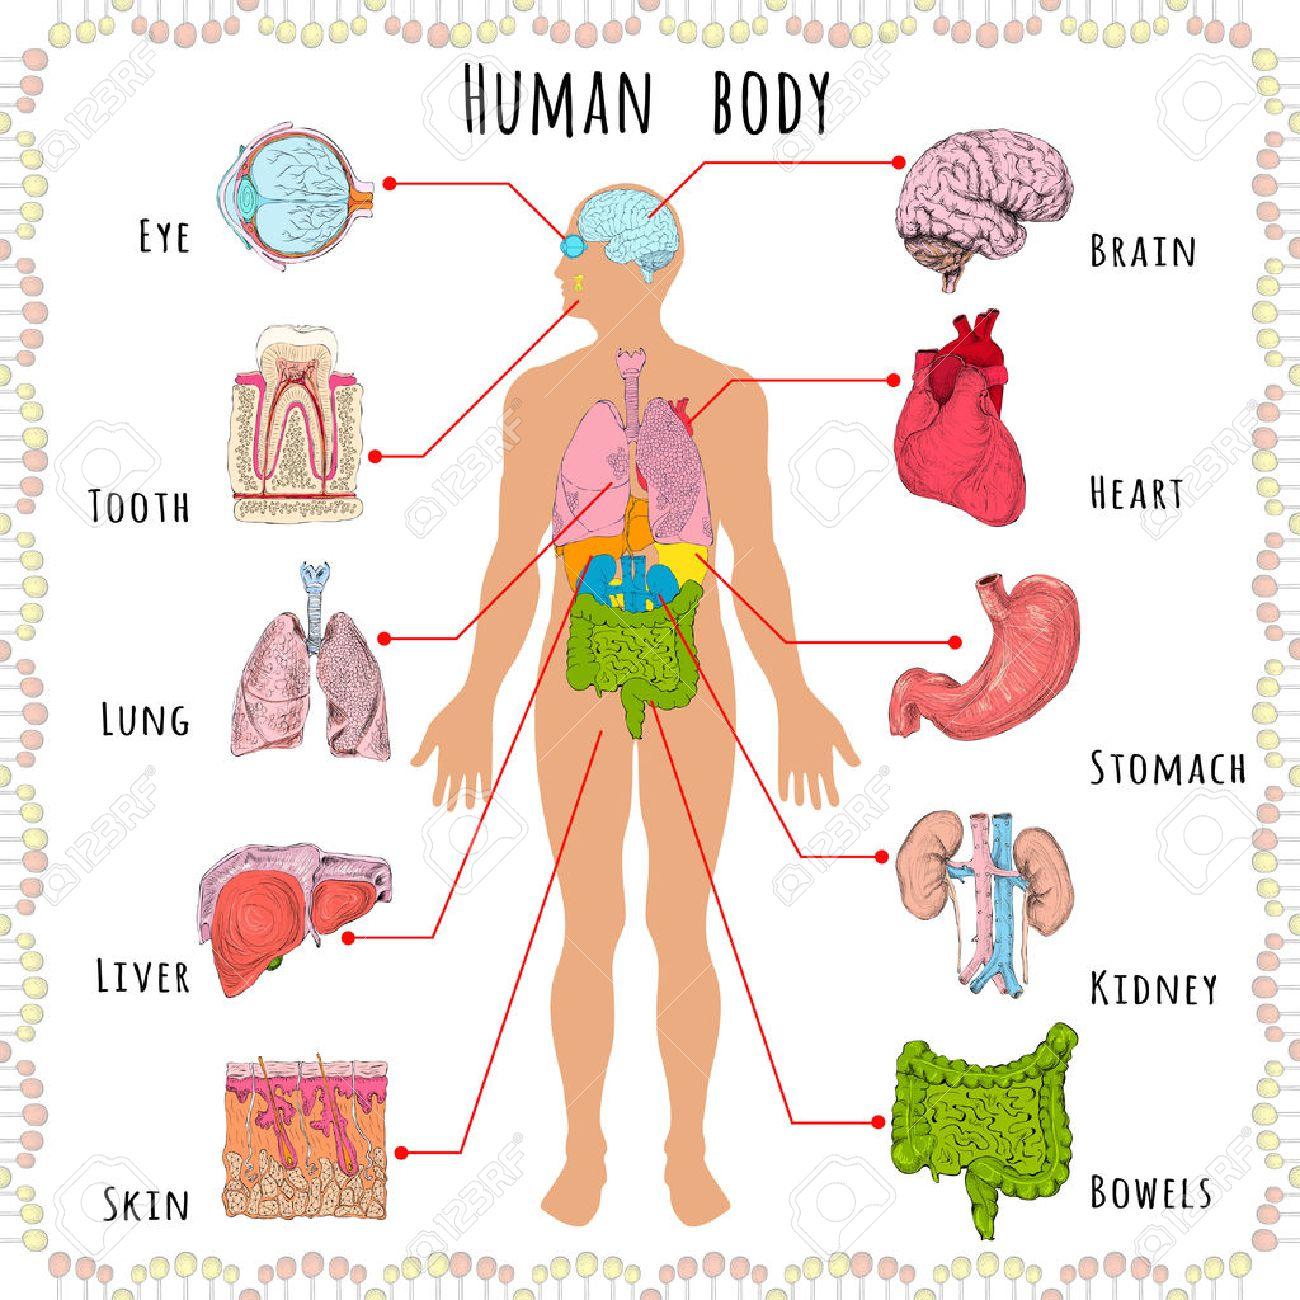 人シルエットと臓器の人体医療インフォ グラフィック ベクトル イラスト